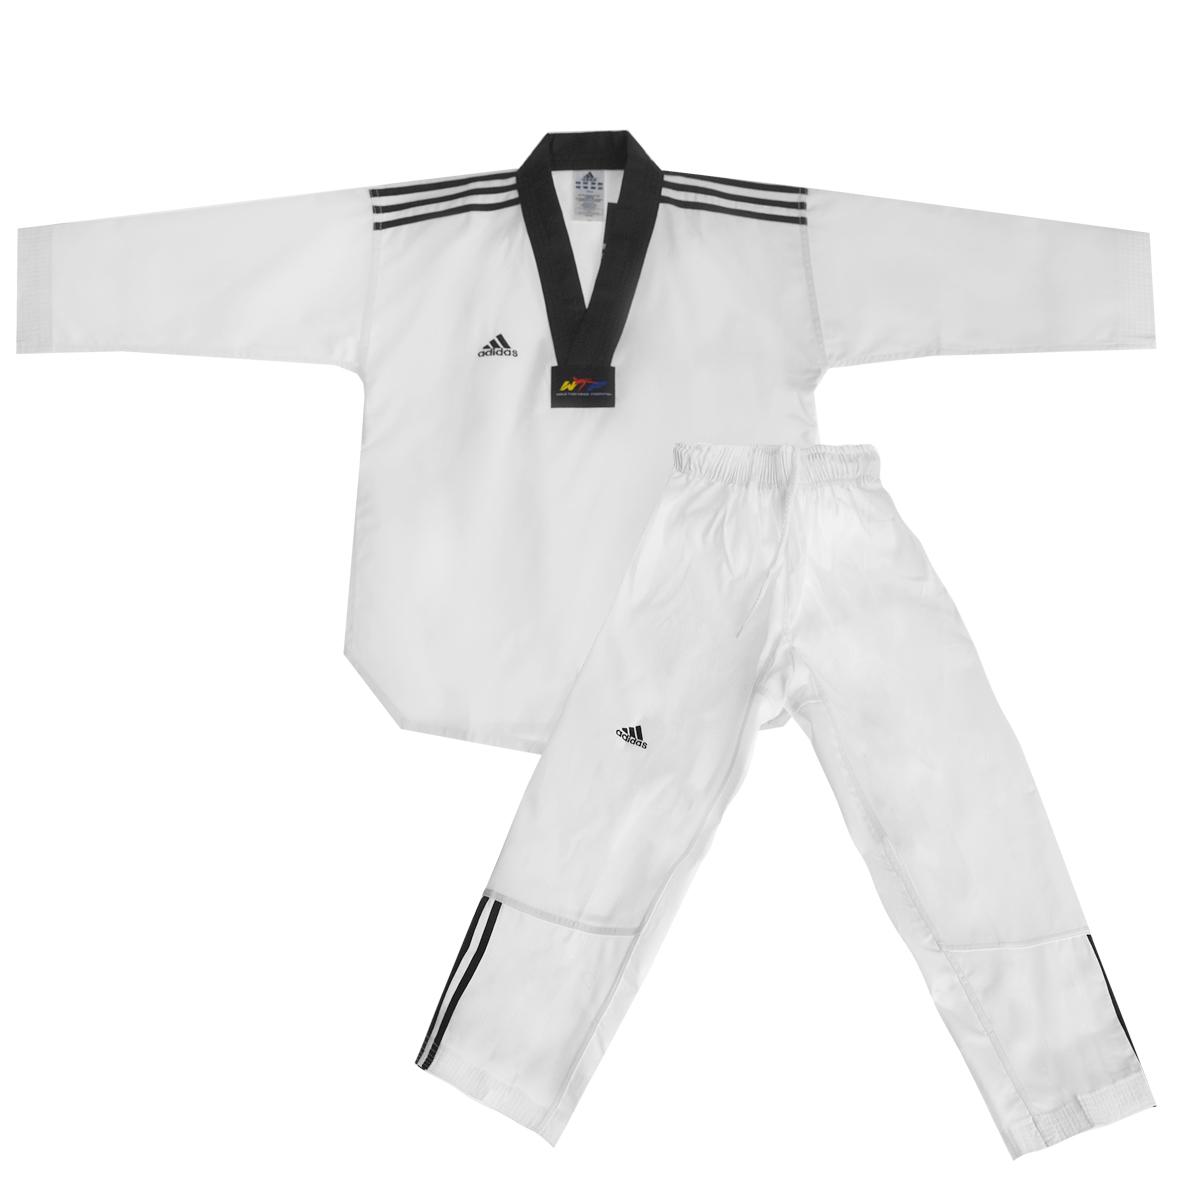 Кимоно для таэквондоadiTCB02-WH/BKКимоно для тхэквондо adidas WTF Adi-Club 3 состоит из рубашки и брюк. Просторная рубашка без пояса с V-образным вырезом горловин, боковыми разрезами и длинными рукавами изготовлена из плотного полиэстера с добавлением хлопка. Боковые швы, края рукавов и полочка укреплены дополнительными строчками. В области талии по спинке рубашка дополнена эластичной резинкой для регулирования ширины. Просторные брюки особого покроя имеют широкий эластичный пояс, регулируемый скрытым шнурком. Низ брючин с внутренней стороны укреплен дополнительными строчками. Кимоно рекомендуется для тренировок в зале.